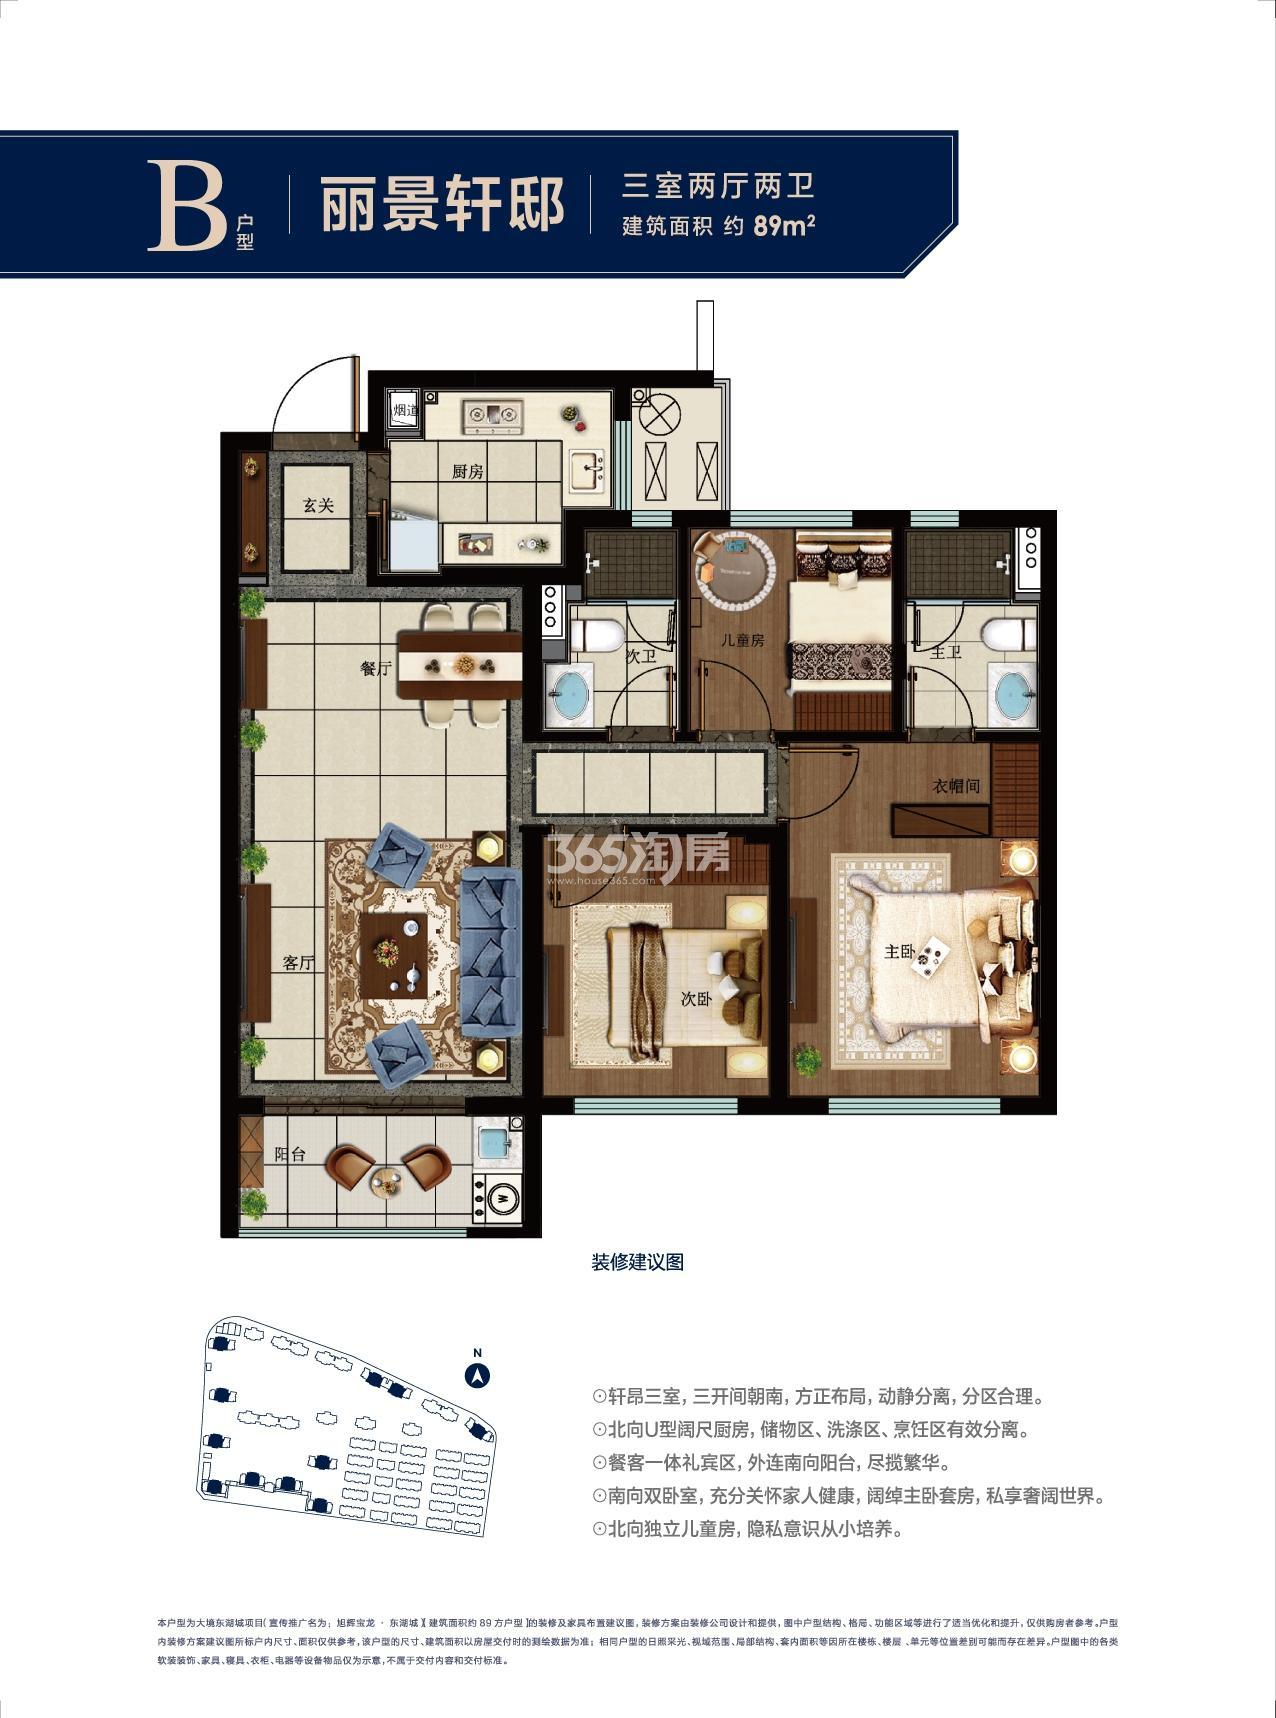 旭辉宝龙东湖城B户型89方户型图(37、39#)